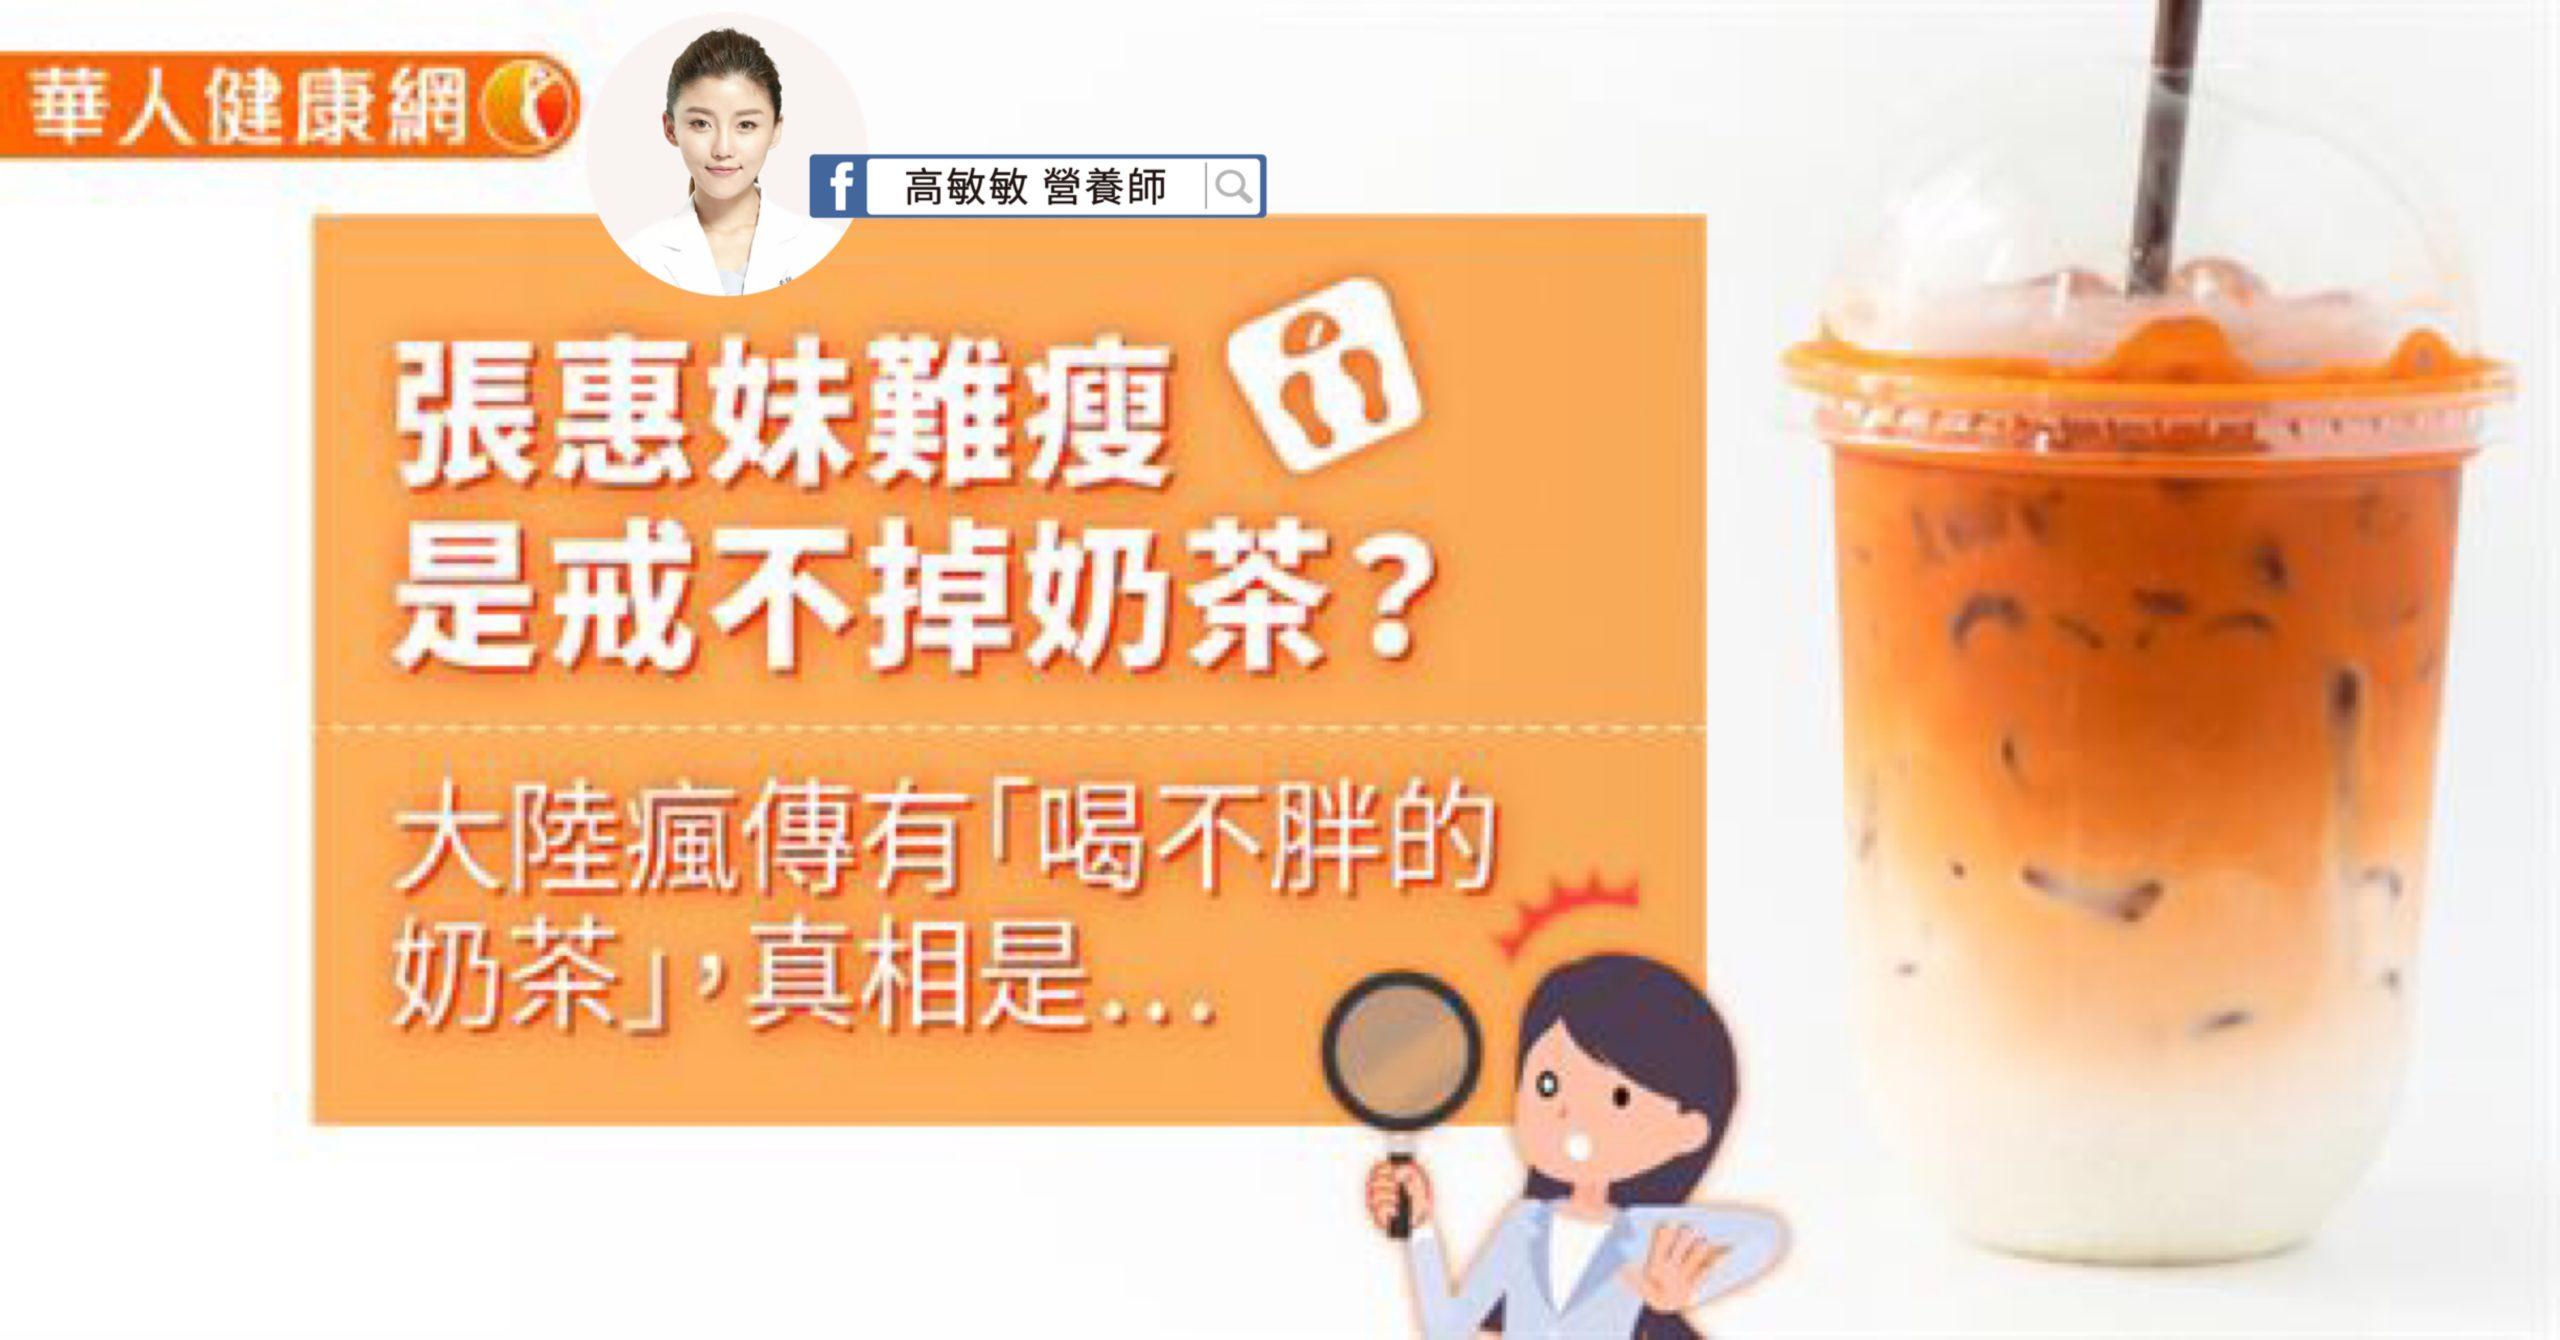 營養師:張惠妹難瘦是戒不掉奶茶?大陸瘋傳有「喝不胖的奶茶」真相是…